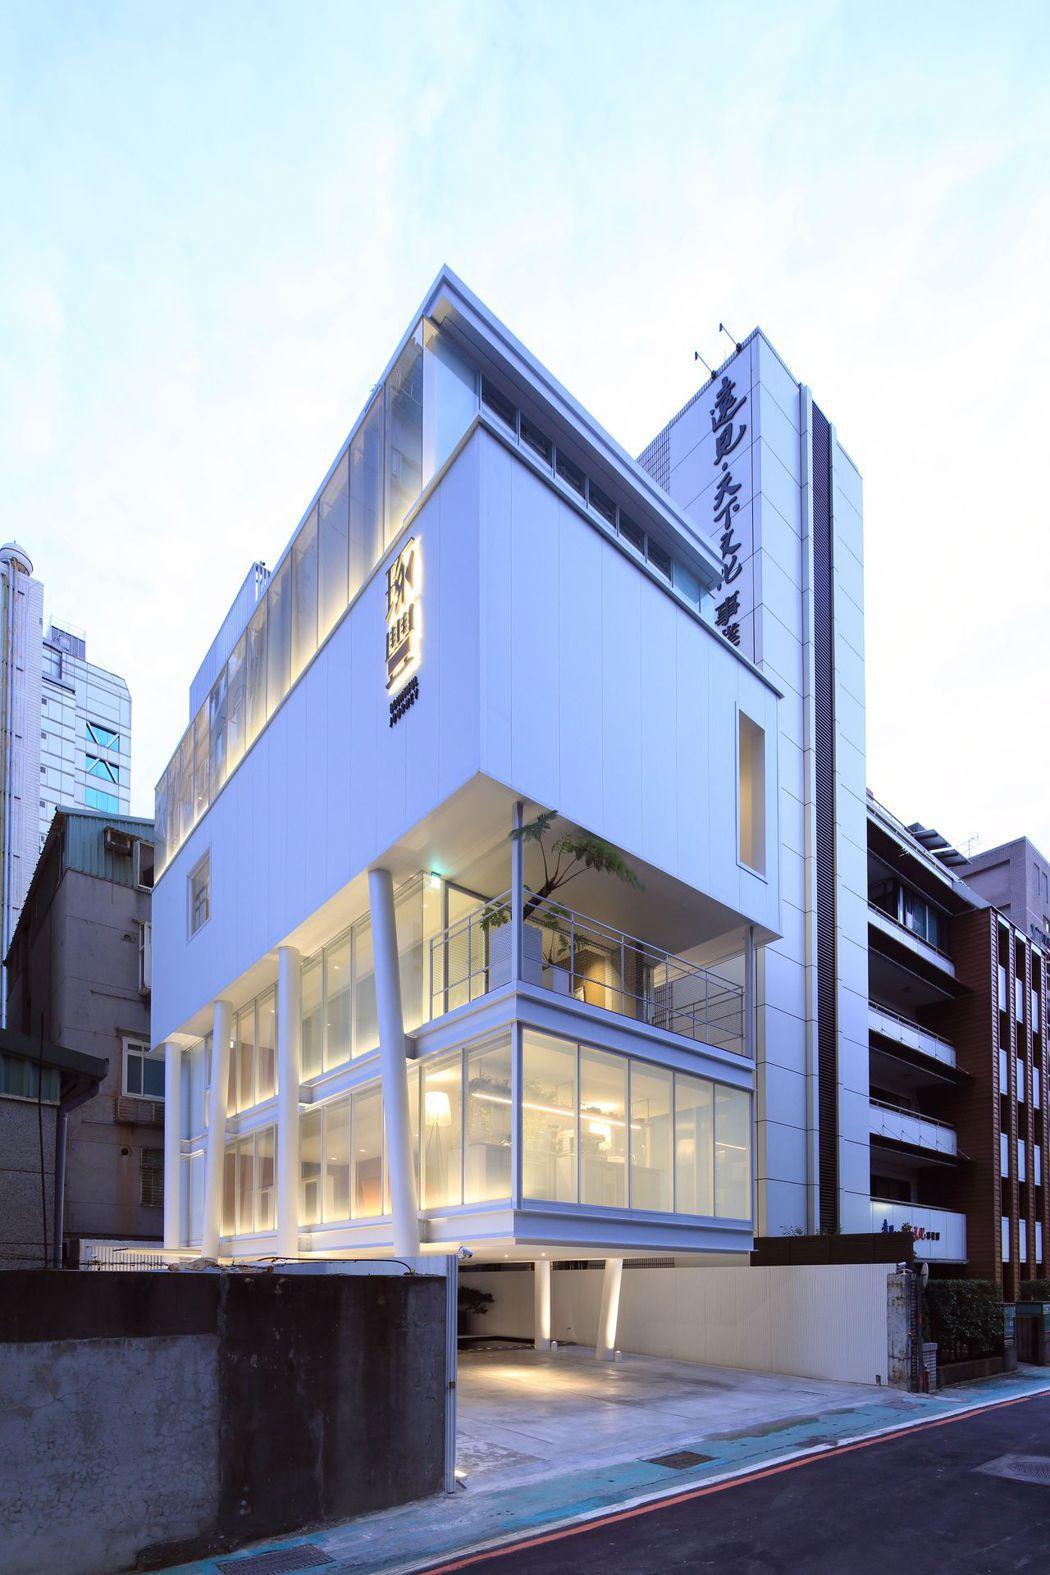 「琢豐」為了吸引特定品味客群的目光,接待中心現場也變身台北最小的美術館,不定期換...